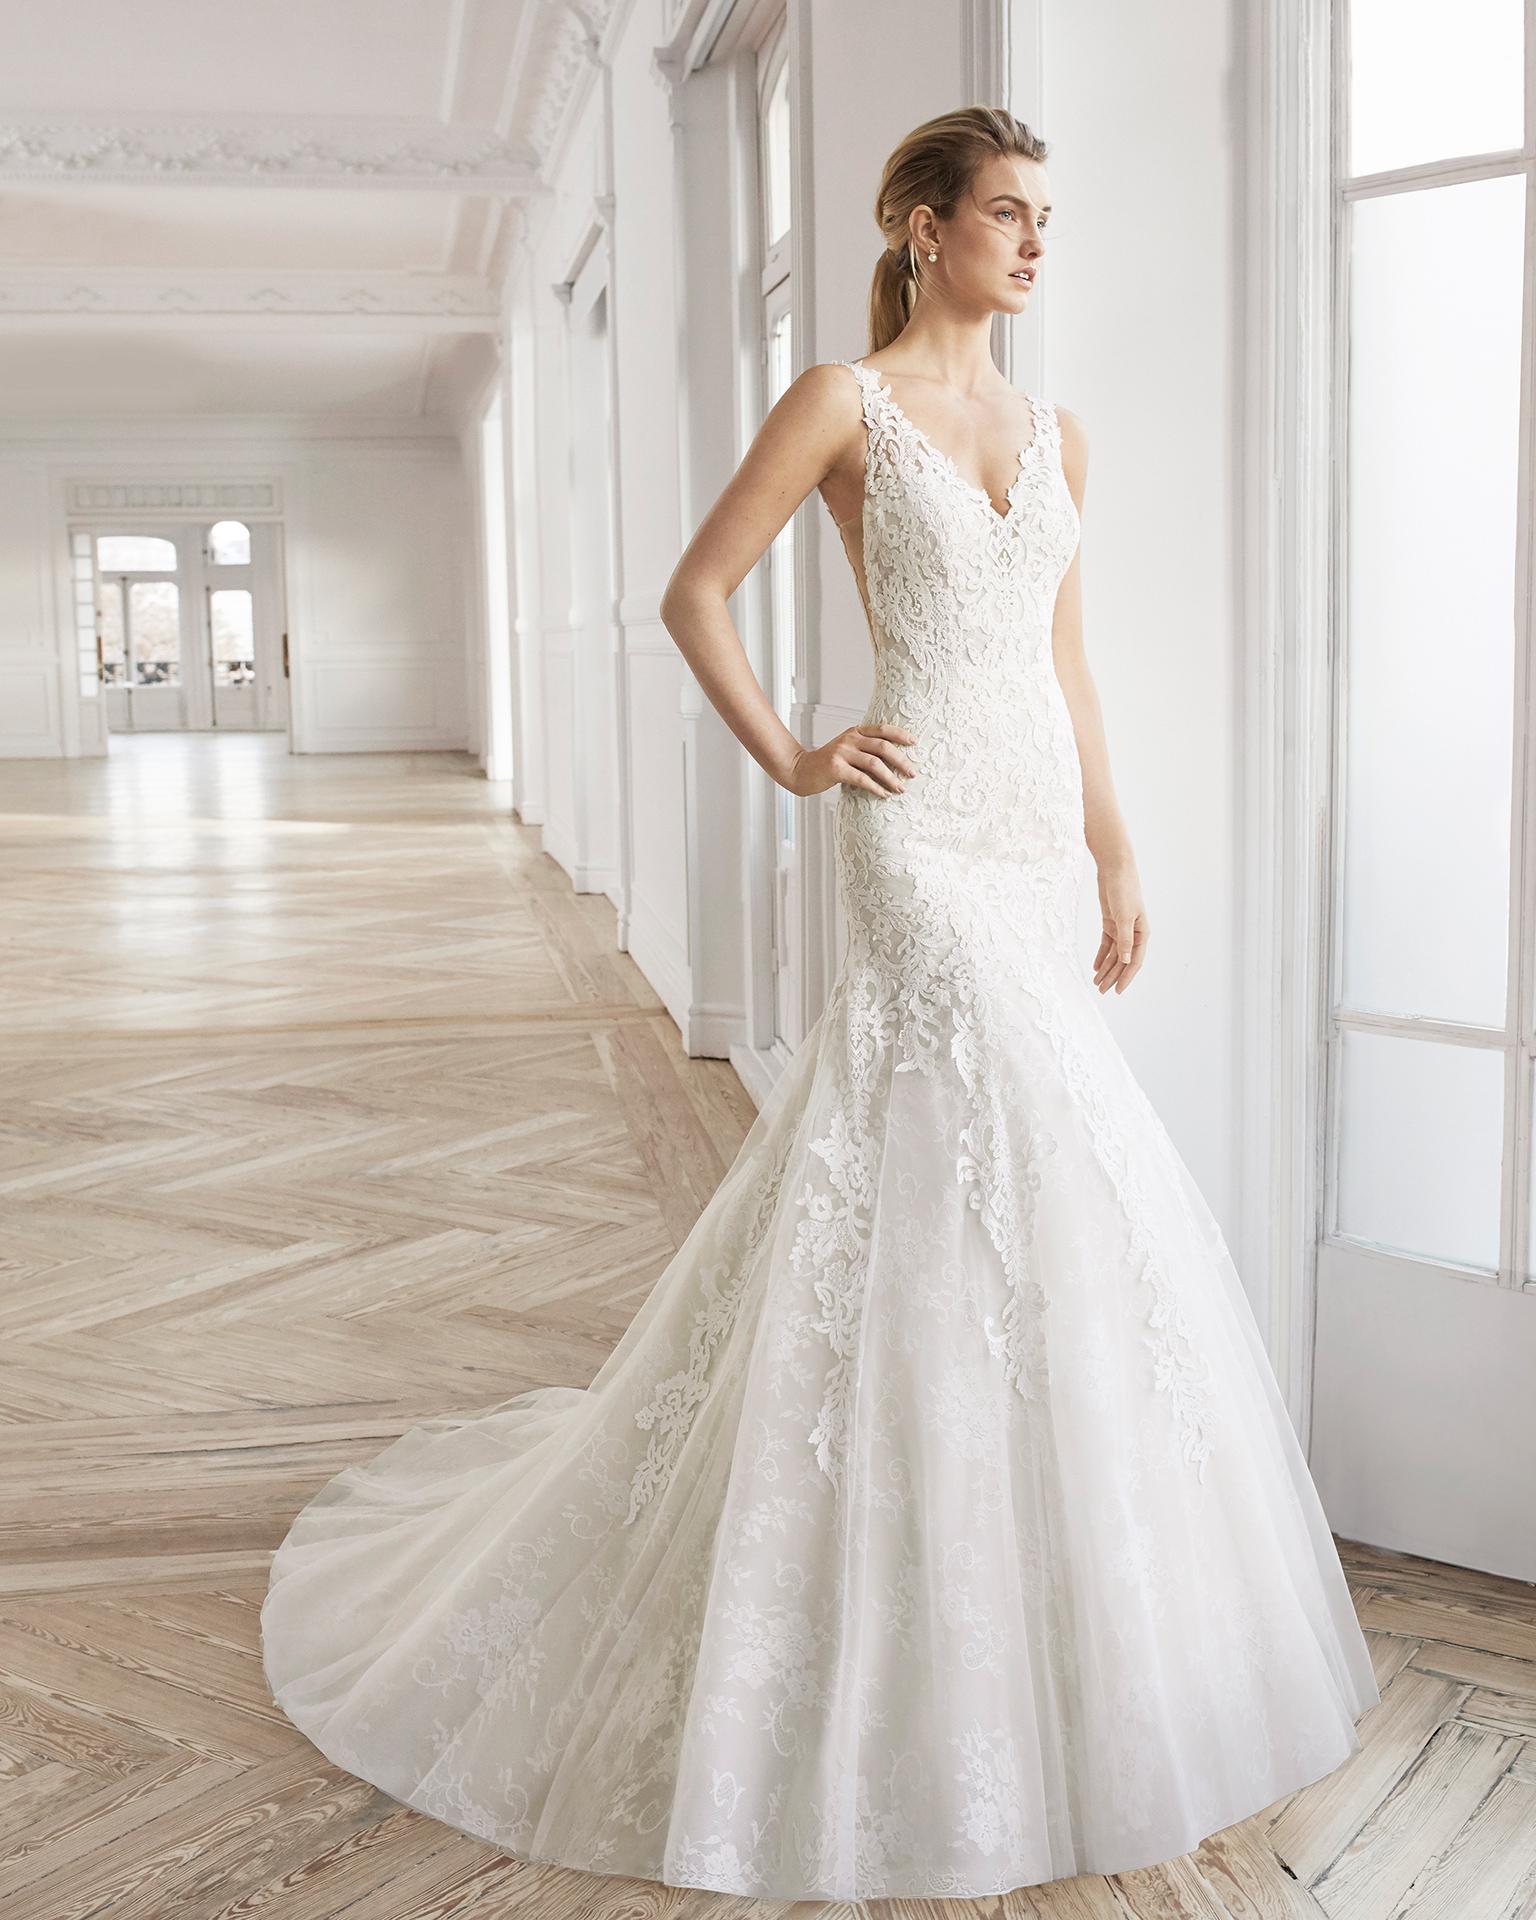 Vestido de noiva corte sereia de renda e tule. Decote em V e costas em V. Disponível em cor natural/nude e cor natural. Coleção AIRE BARCELONA 2019.